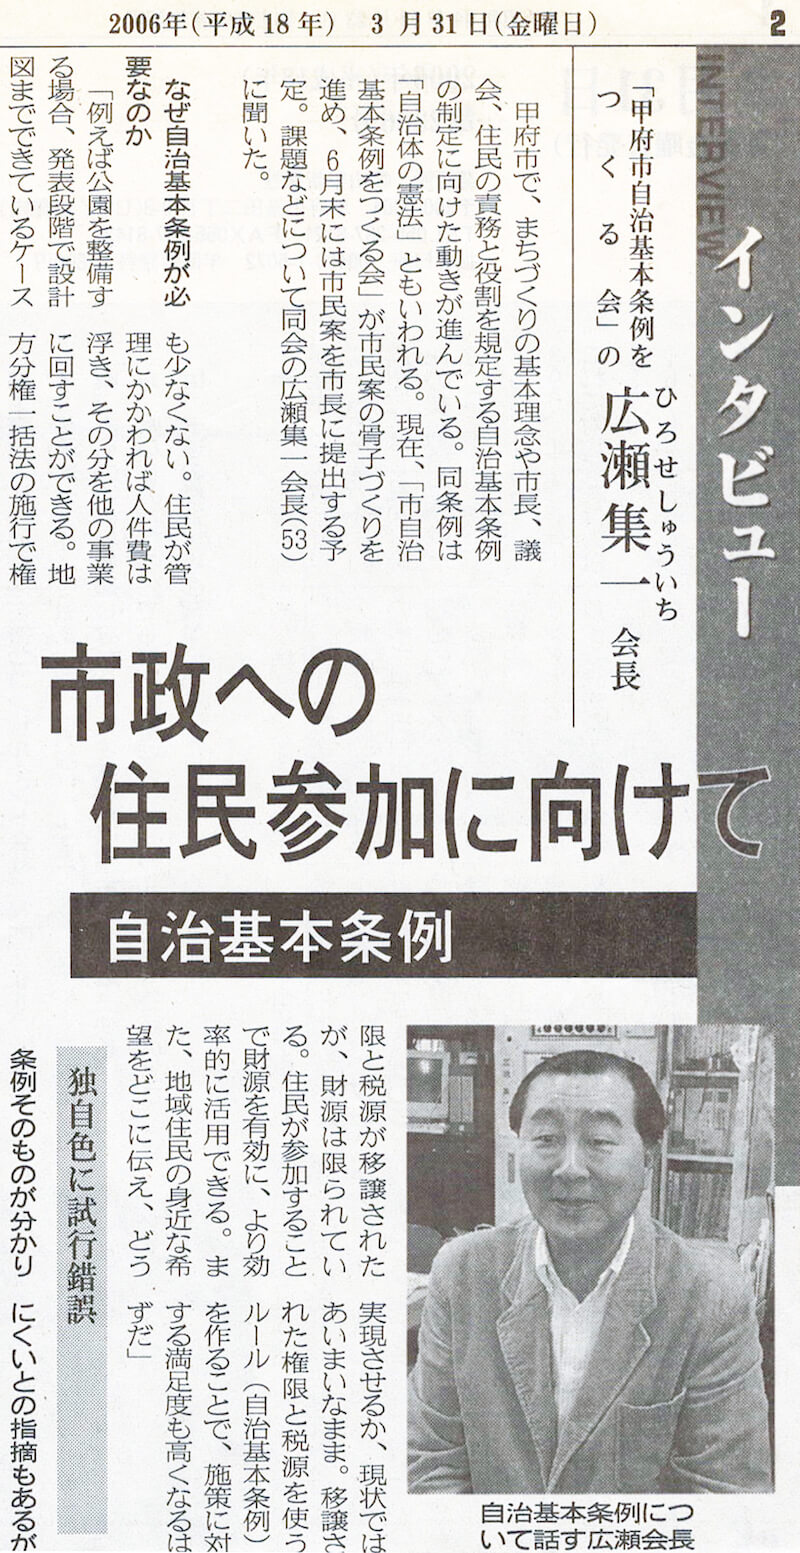 2006年 山梨日日新聞掲載「市政への市民参加に向けて」-ひろせ集一